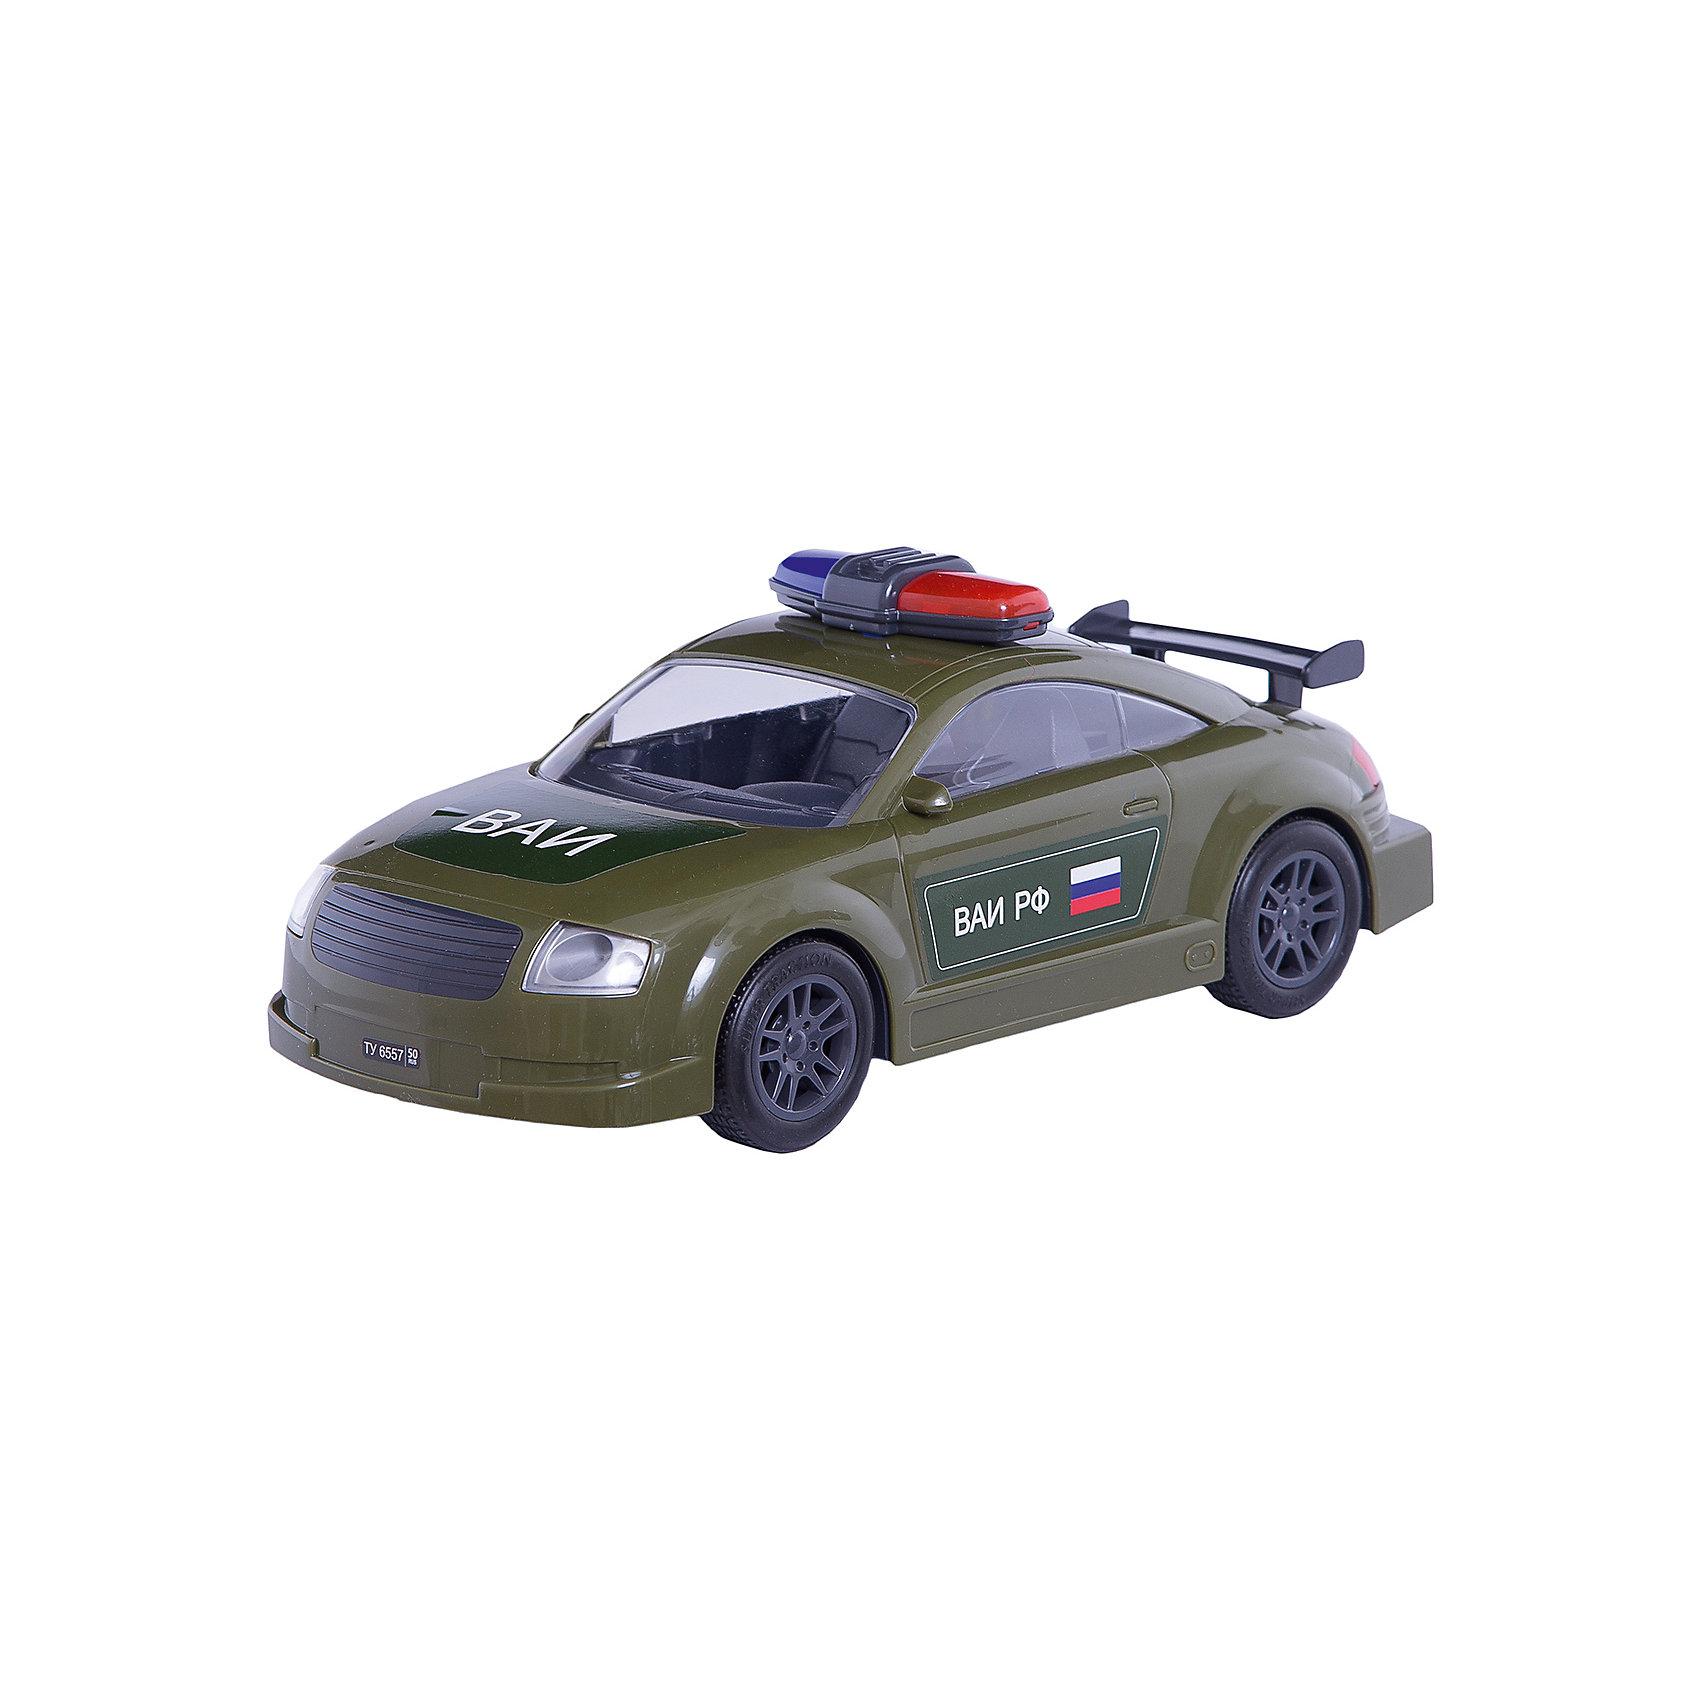 АвтомобильВоенная автоинспекция, инерц., ПолесьеАвтомобильВоенная автоинспекция, инерц., Полесье.<br><br>Характеристики:<br><br>- Размер игрушки: 27х10,5х11 см.<br>- Материал: прочный пластик, резина<br><br>Инерционный автомобиль «Военная автоиспекция» - это точная копия настоящей машины. Машина имеет мигалку, спойлер, резиновые колеса и очень реалистичную символику на корпусе. Инерционный механизм позволяет машине продолжать свое движение после запуска. Колеса надежно закреплены на металлических осях. Ребенок будет в восторге от игрушки, ведь на машине можно сопровождать колонну военной техники или устроить настоящую погоню за нарушителями.<br><br>АвтомобильВоенная автоинспекция, инерц., Полесье можно купить в нашем интернет-магазине.<br><br>Ширина мм: 450<br>Глубина мм: 335<br>Высота мм: 265<br>Вес г: 370<br>Возраст от месяцев: 36<br>Возраст до месяцев: 96<br>Пол: Мужской<br>Возраст: Детский<br>SKU: 4763442